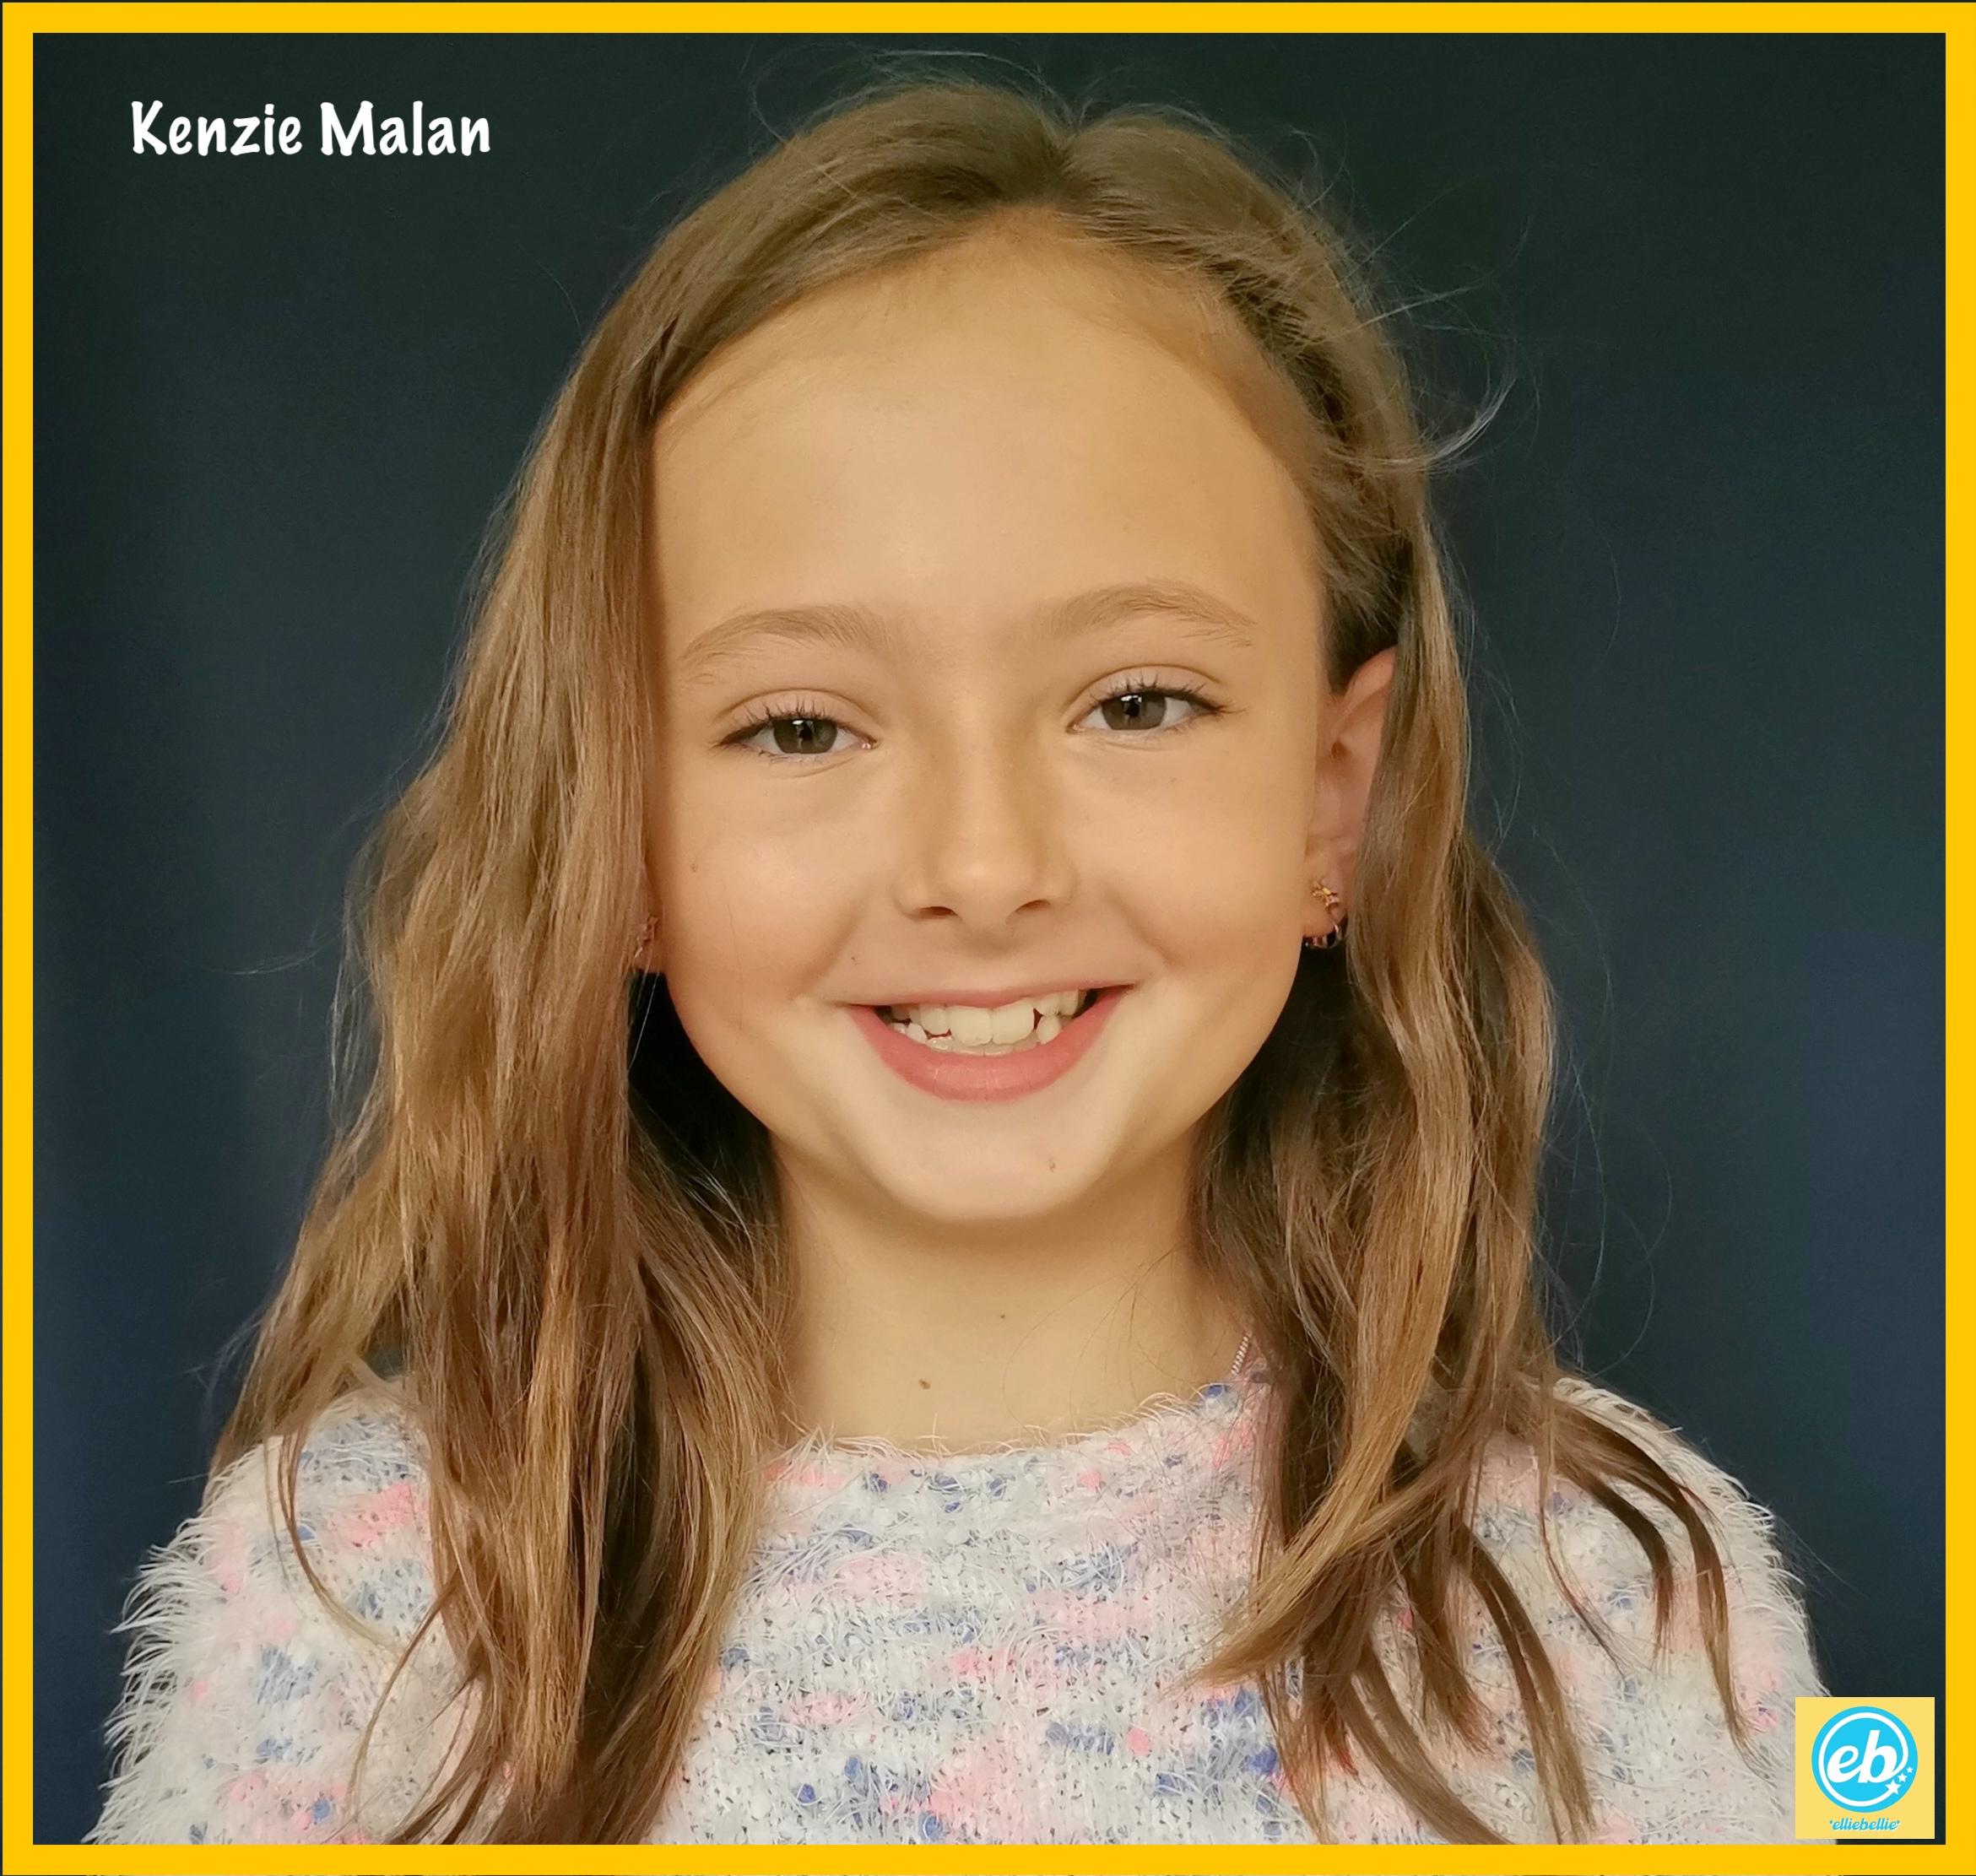 Kenzie Malan